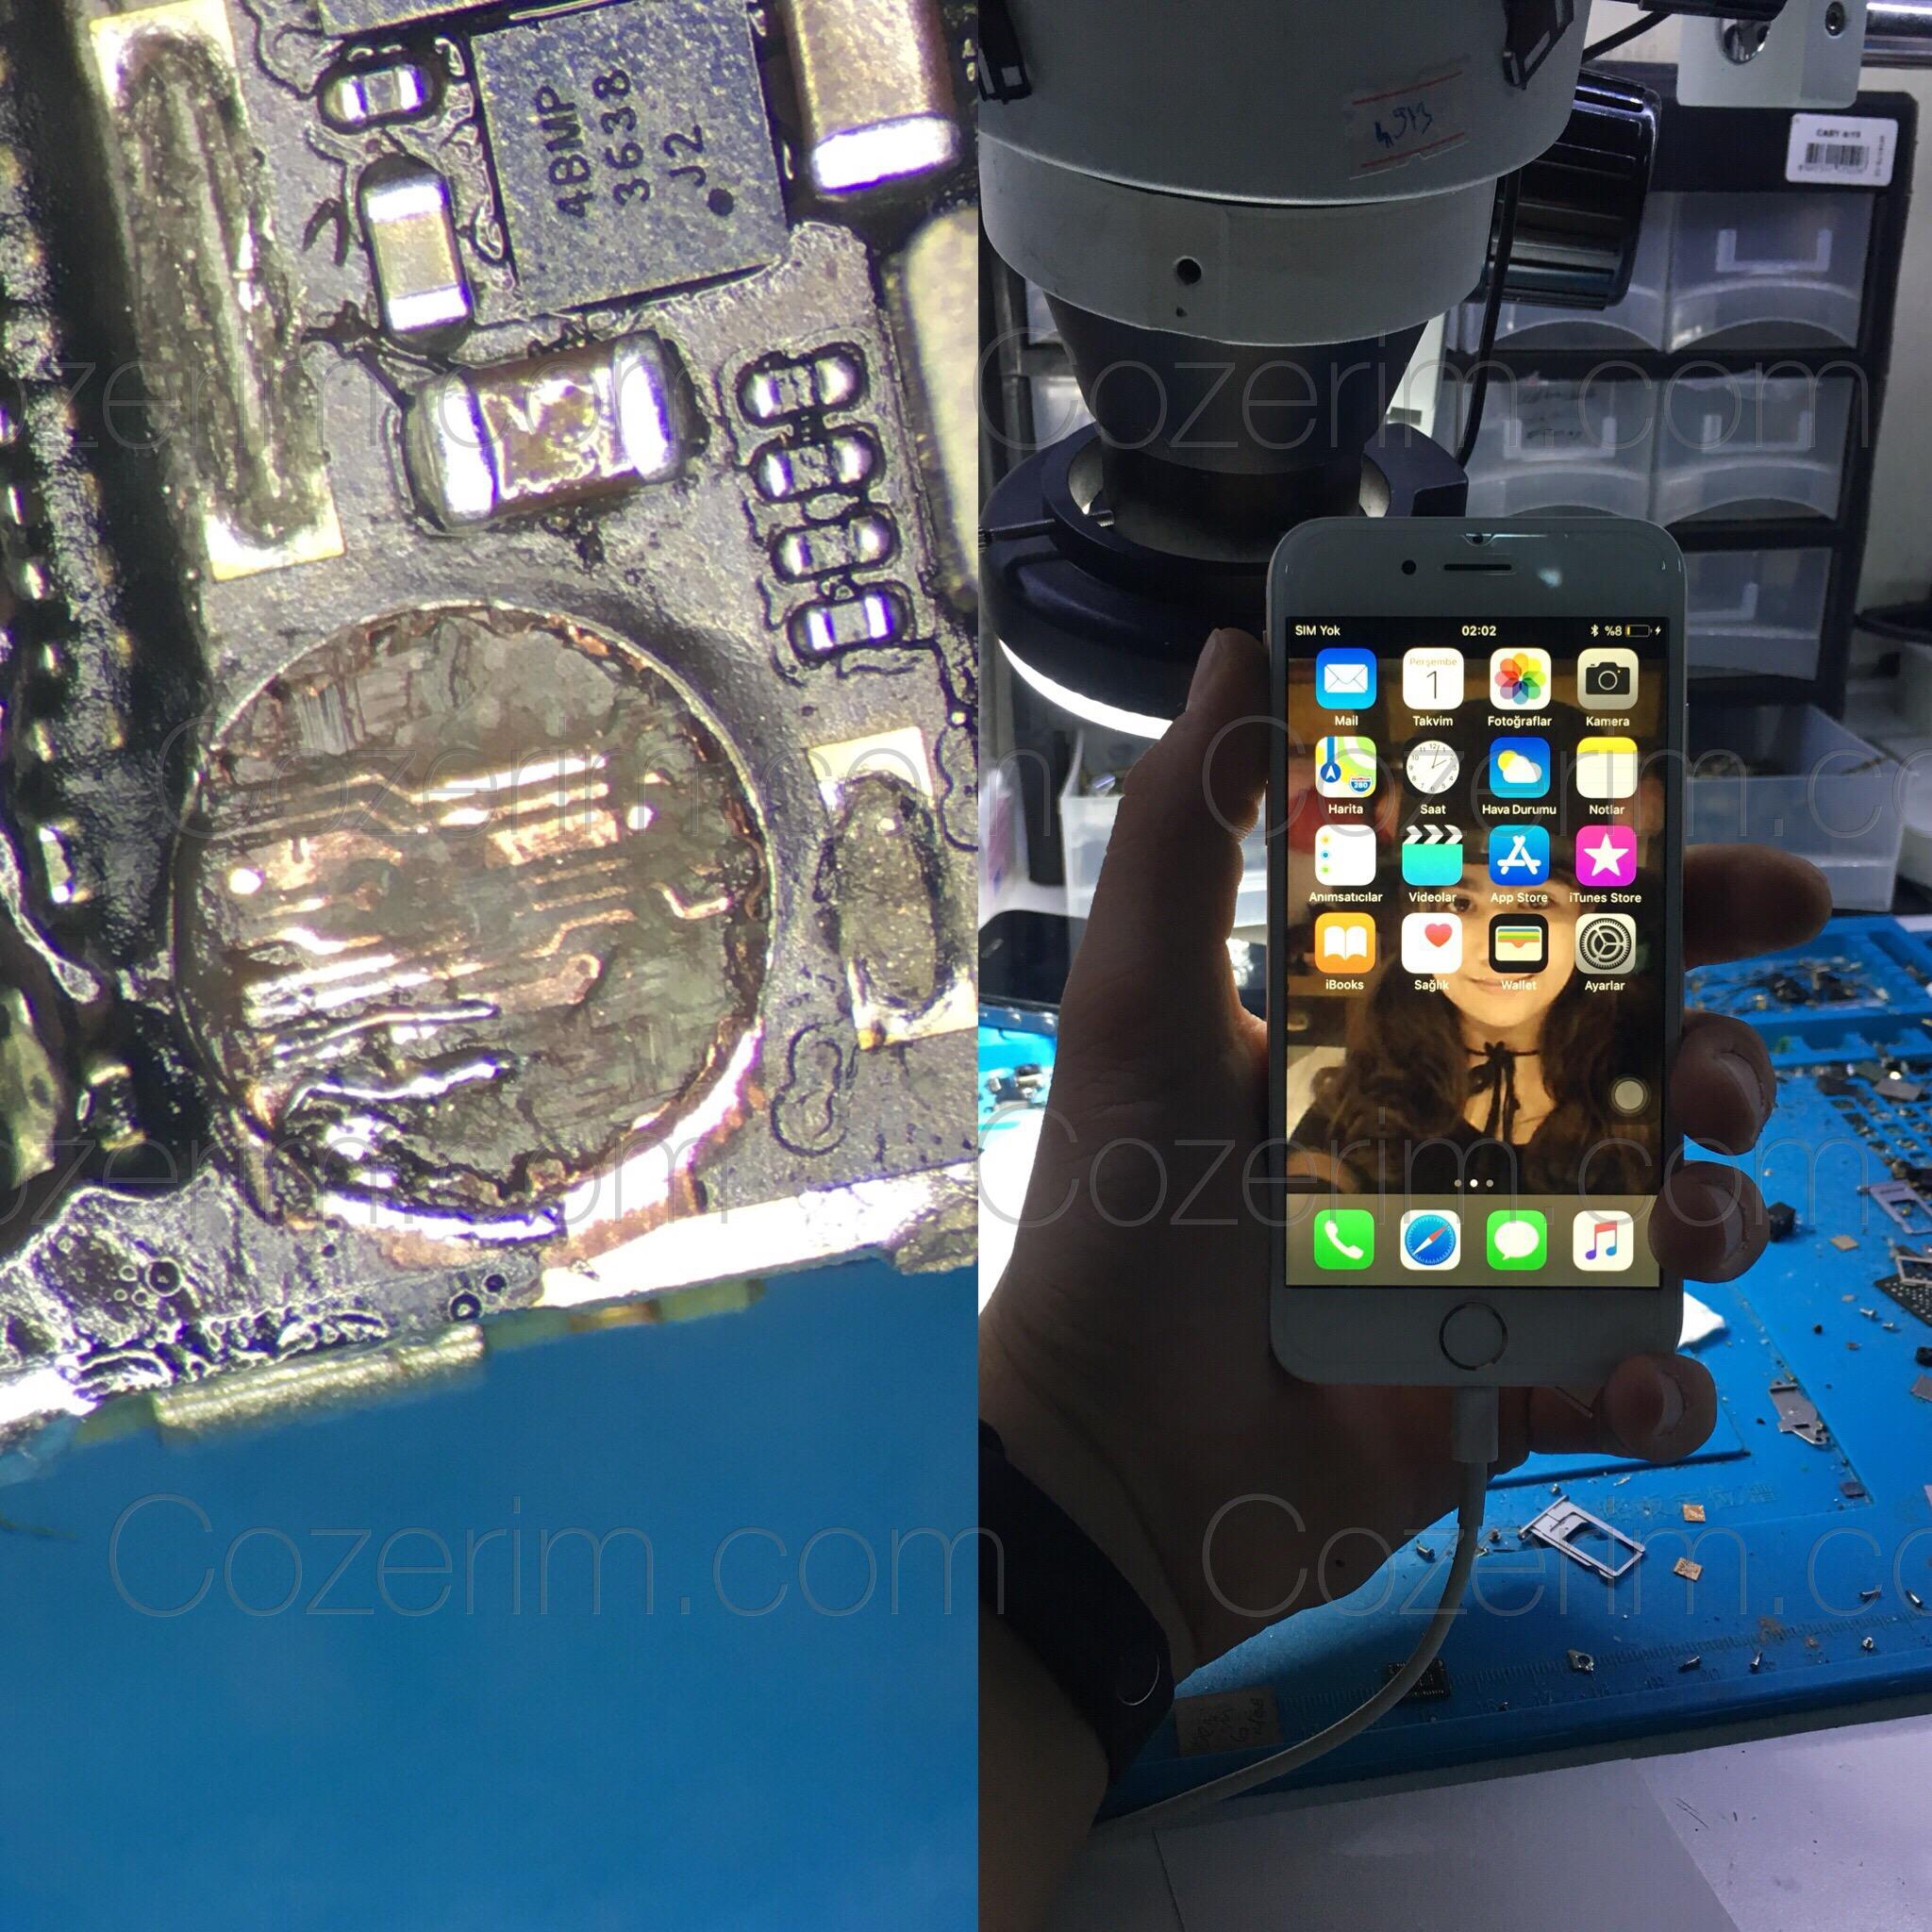 iphone-6-uzun-vida-acilmiyor-goruntu-yok-tamiri